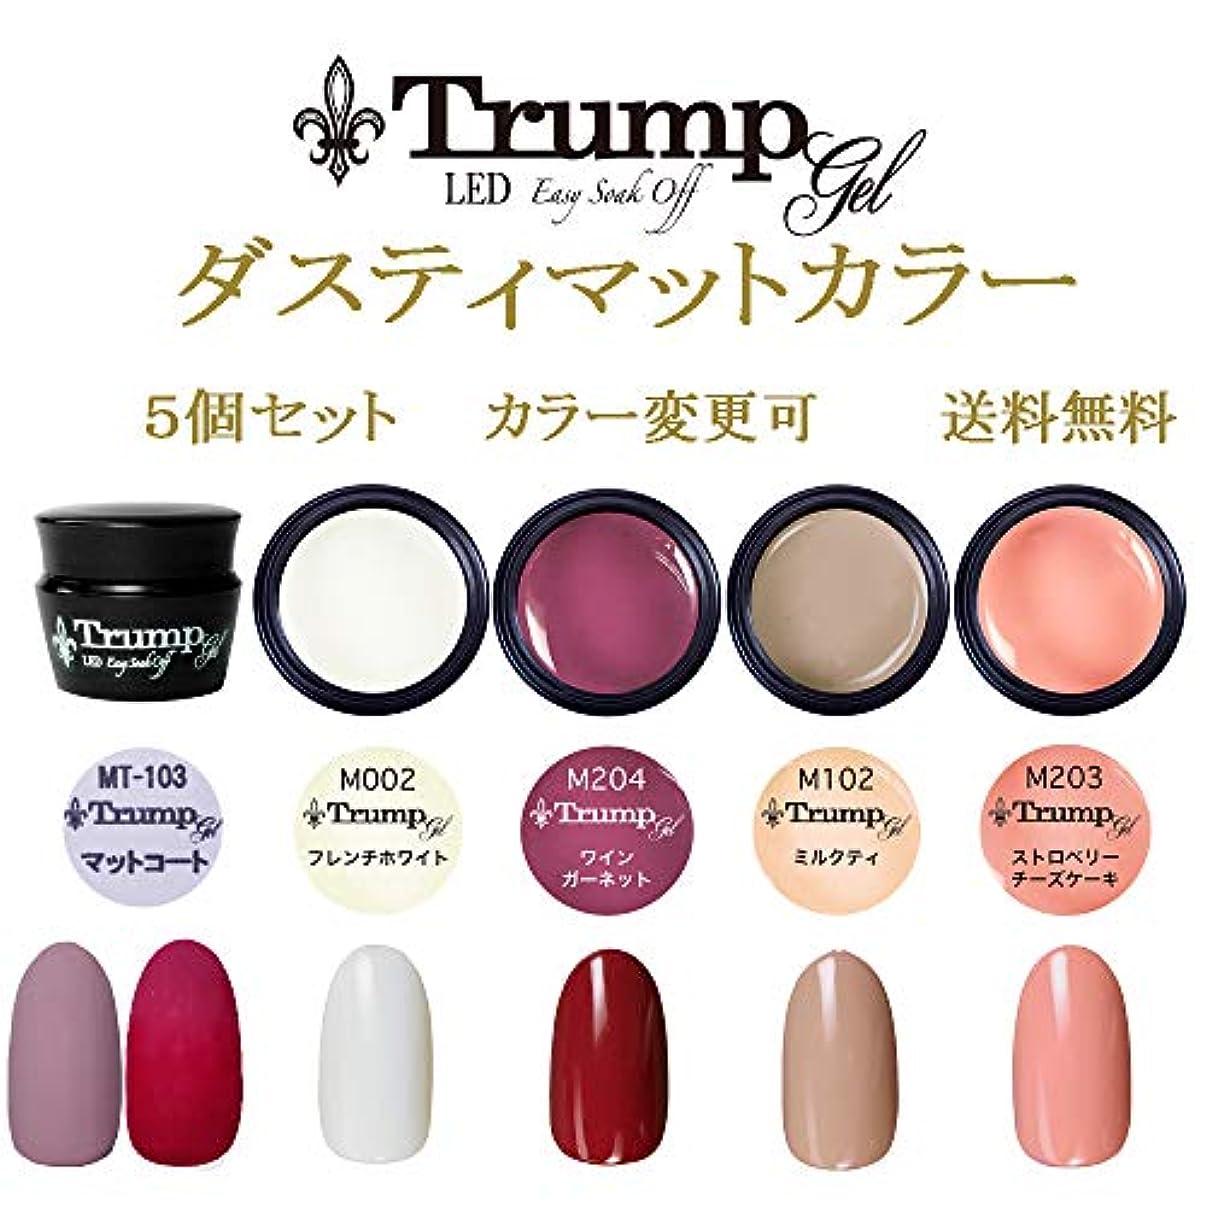 ハングアクティブ献身【送料無料】日本製 Trump gel トランプジェル ダスティマット カラージェル 5個セット 魅惑のフロストマットトップとマットに合う人気カラーをチョイス